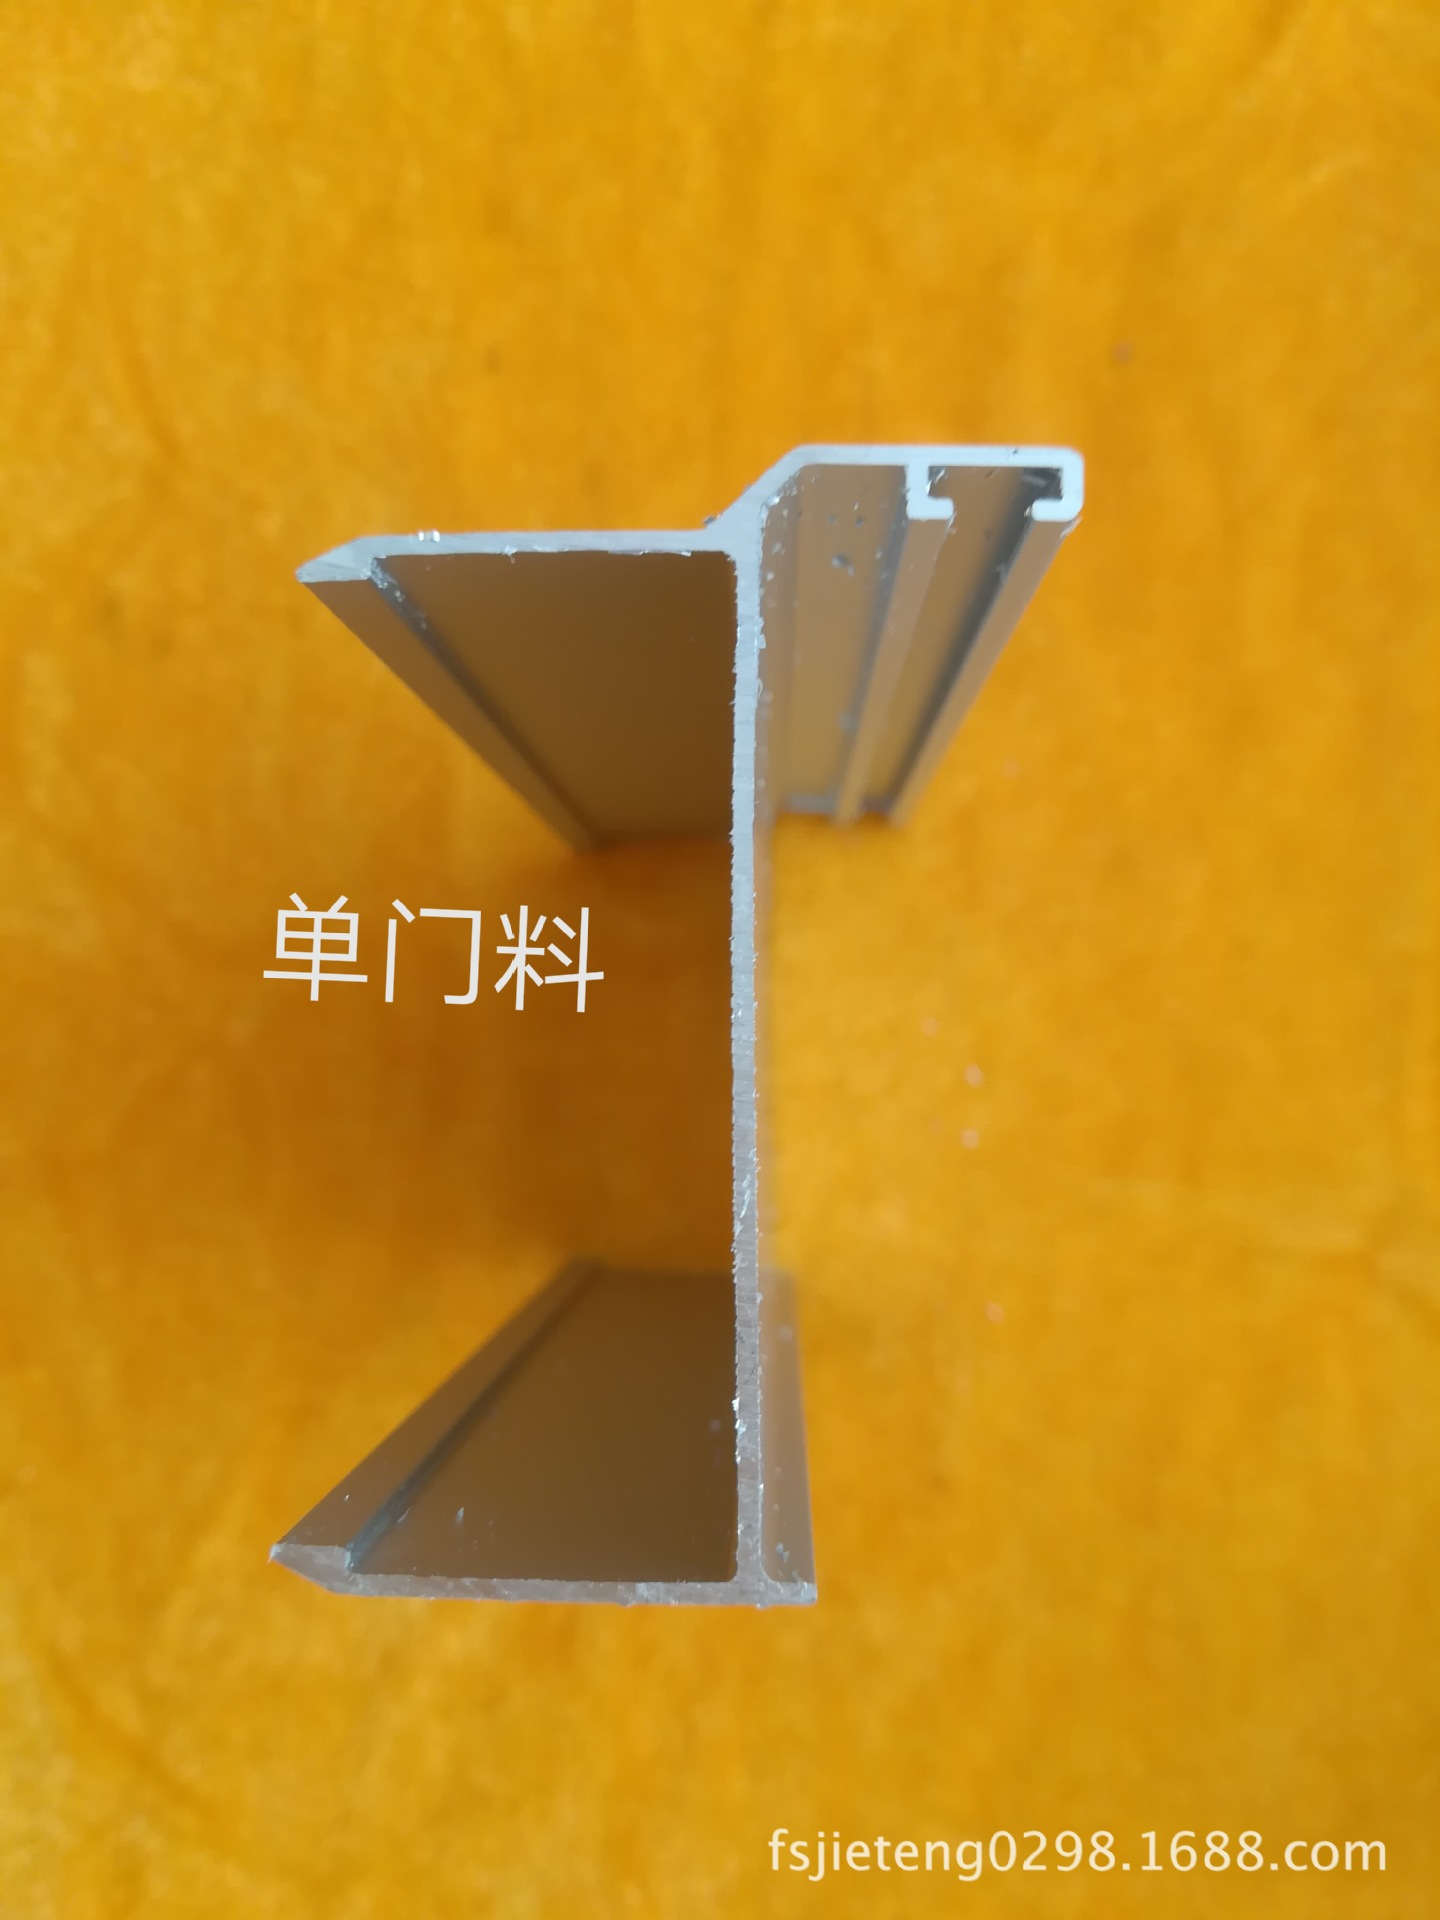 Nhà Sản Xuất Nhôm Chất liệu : 6063 , sản xuất theo yêu cầu khách hàng .